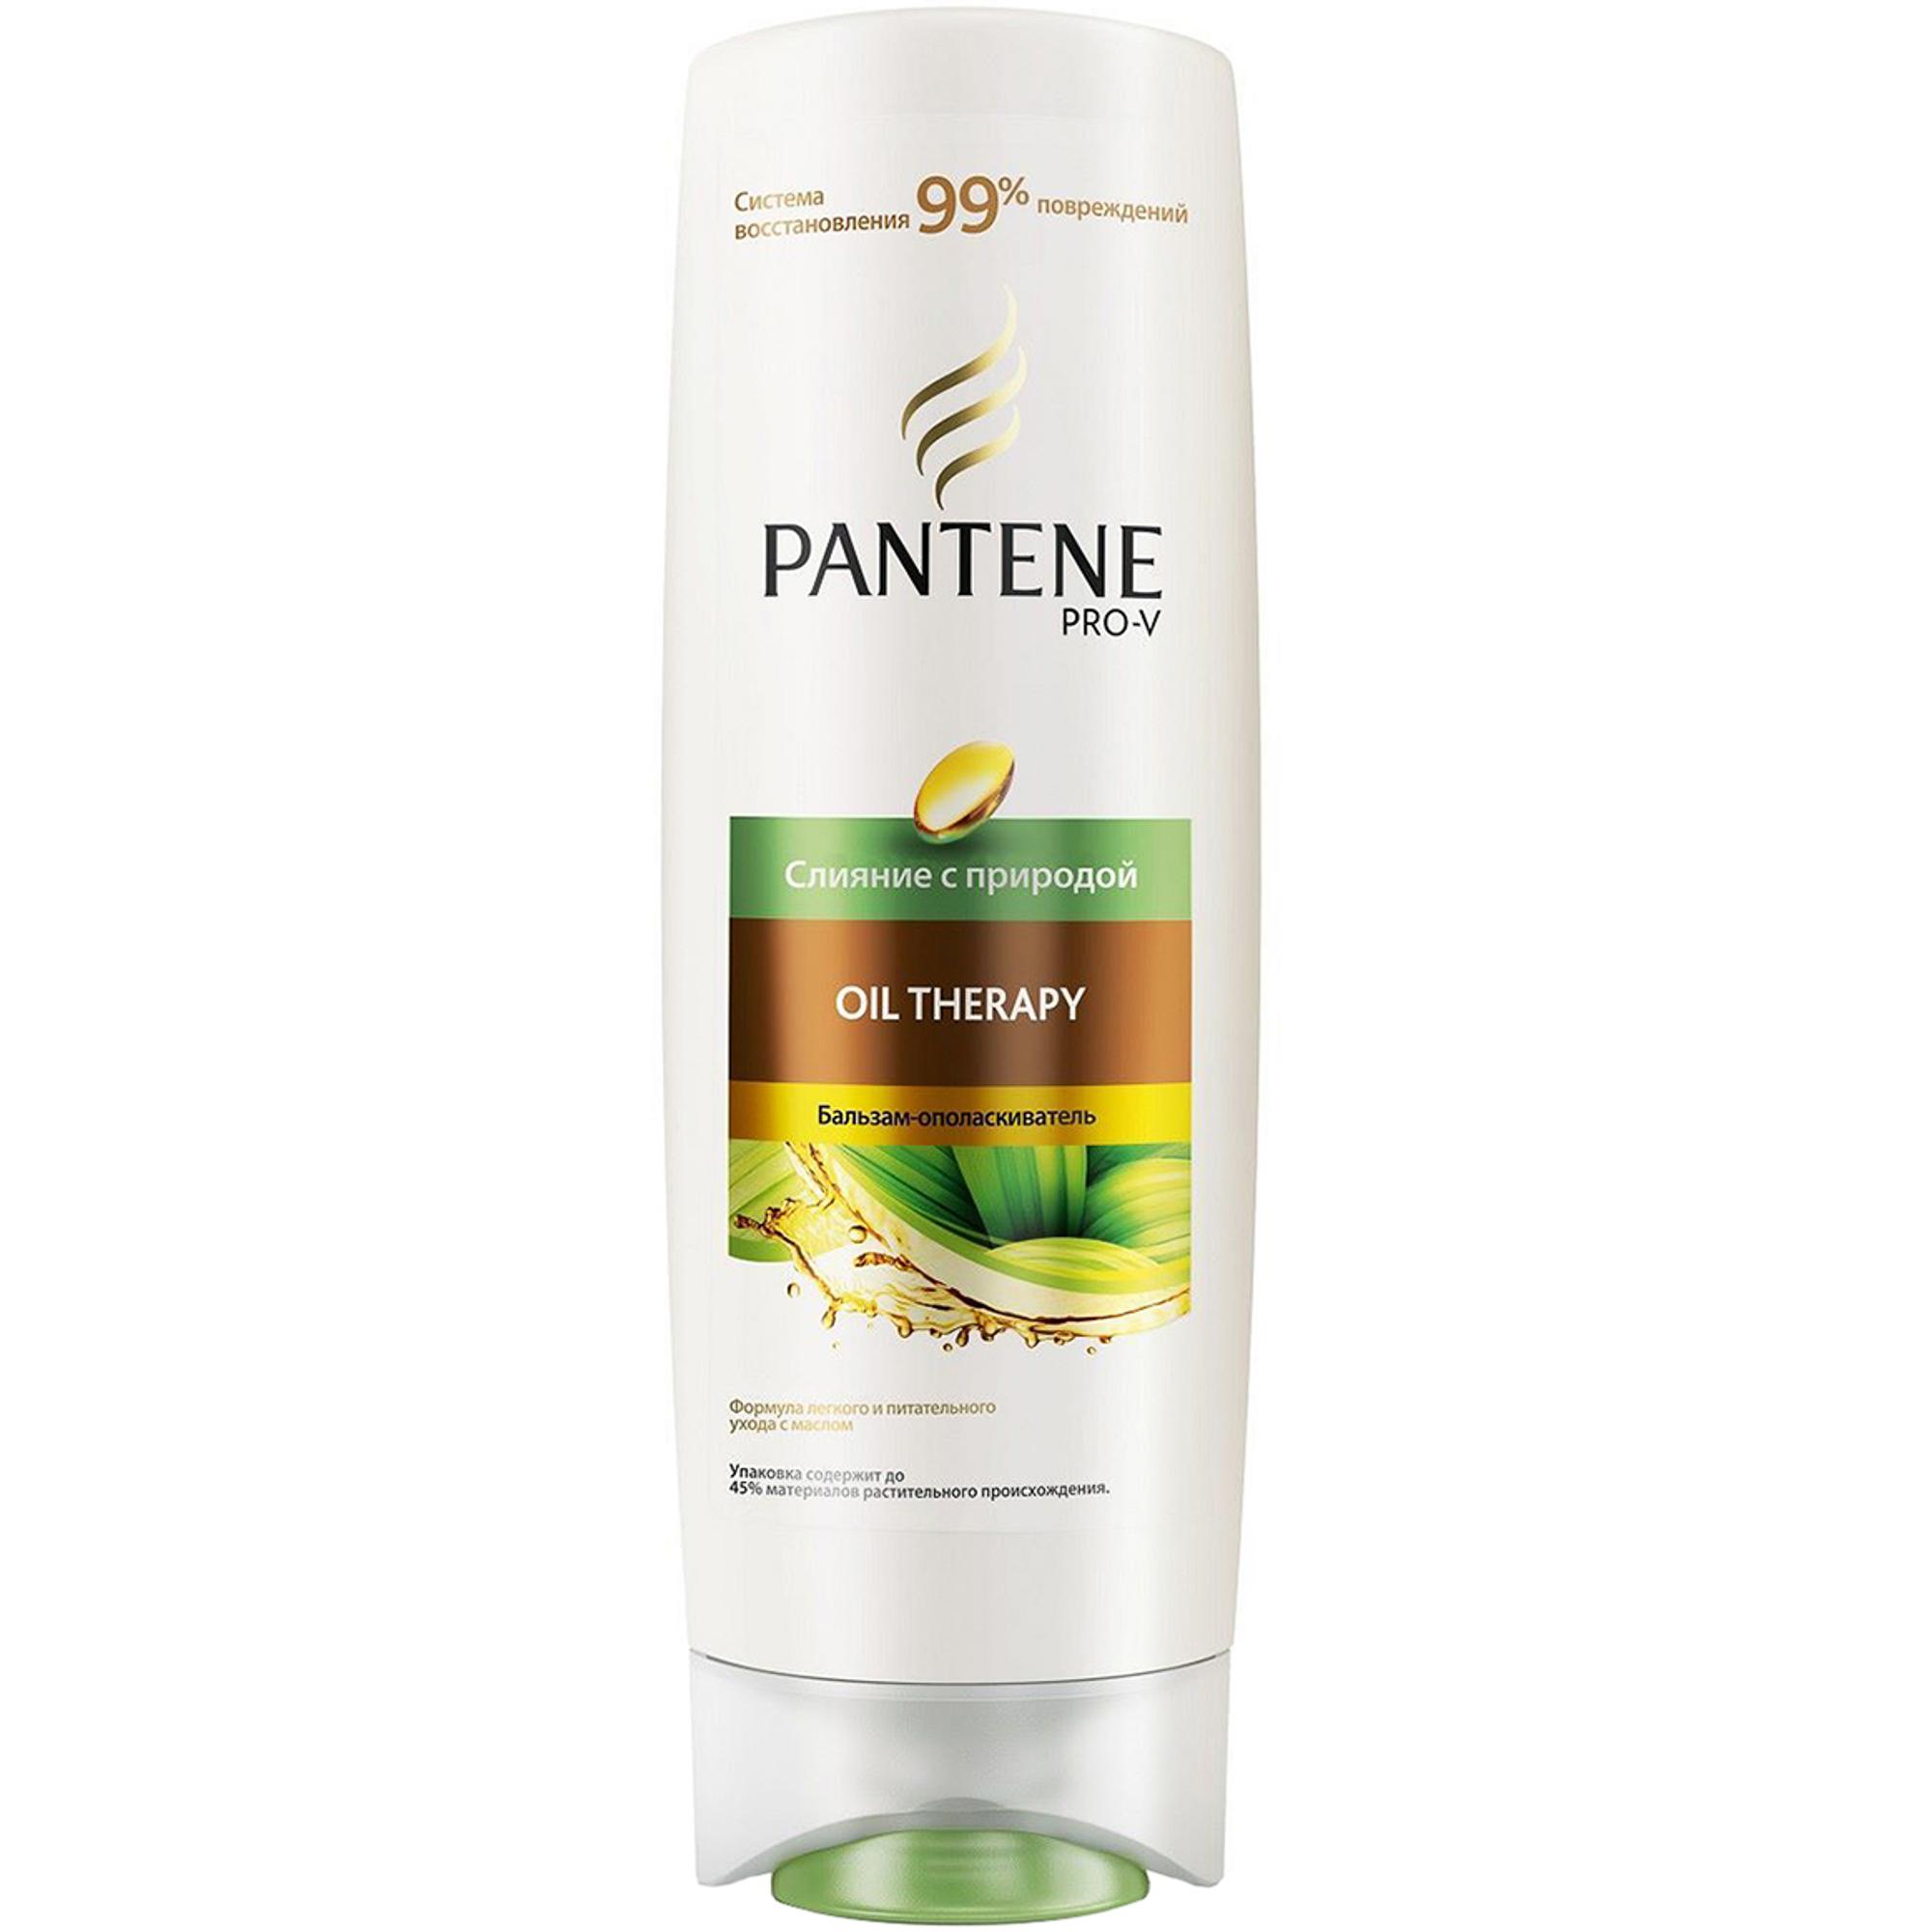 Бальзам-ополаскиватель Pantene Слияние с природой Oil Therapy 360 мл недорого